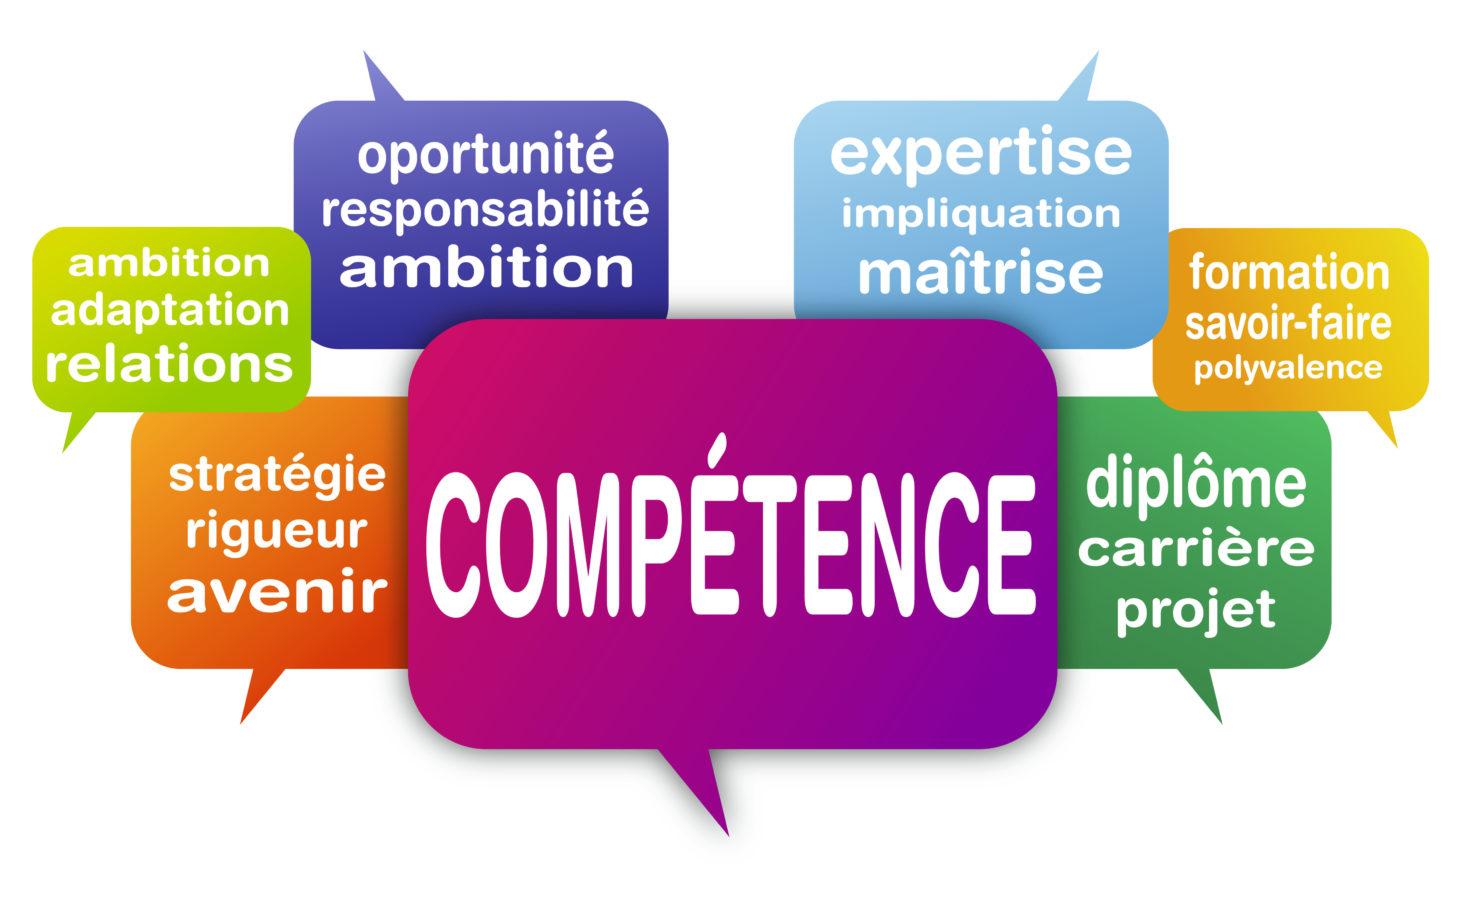 gestion des comp u00e9tences dans une entreprise  quelles strat u00e9gies adopter